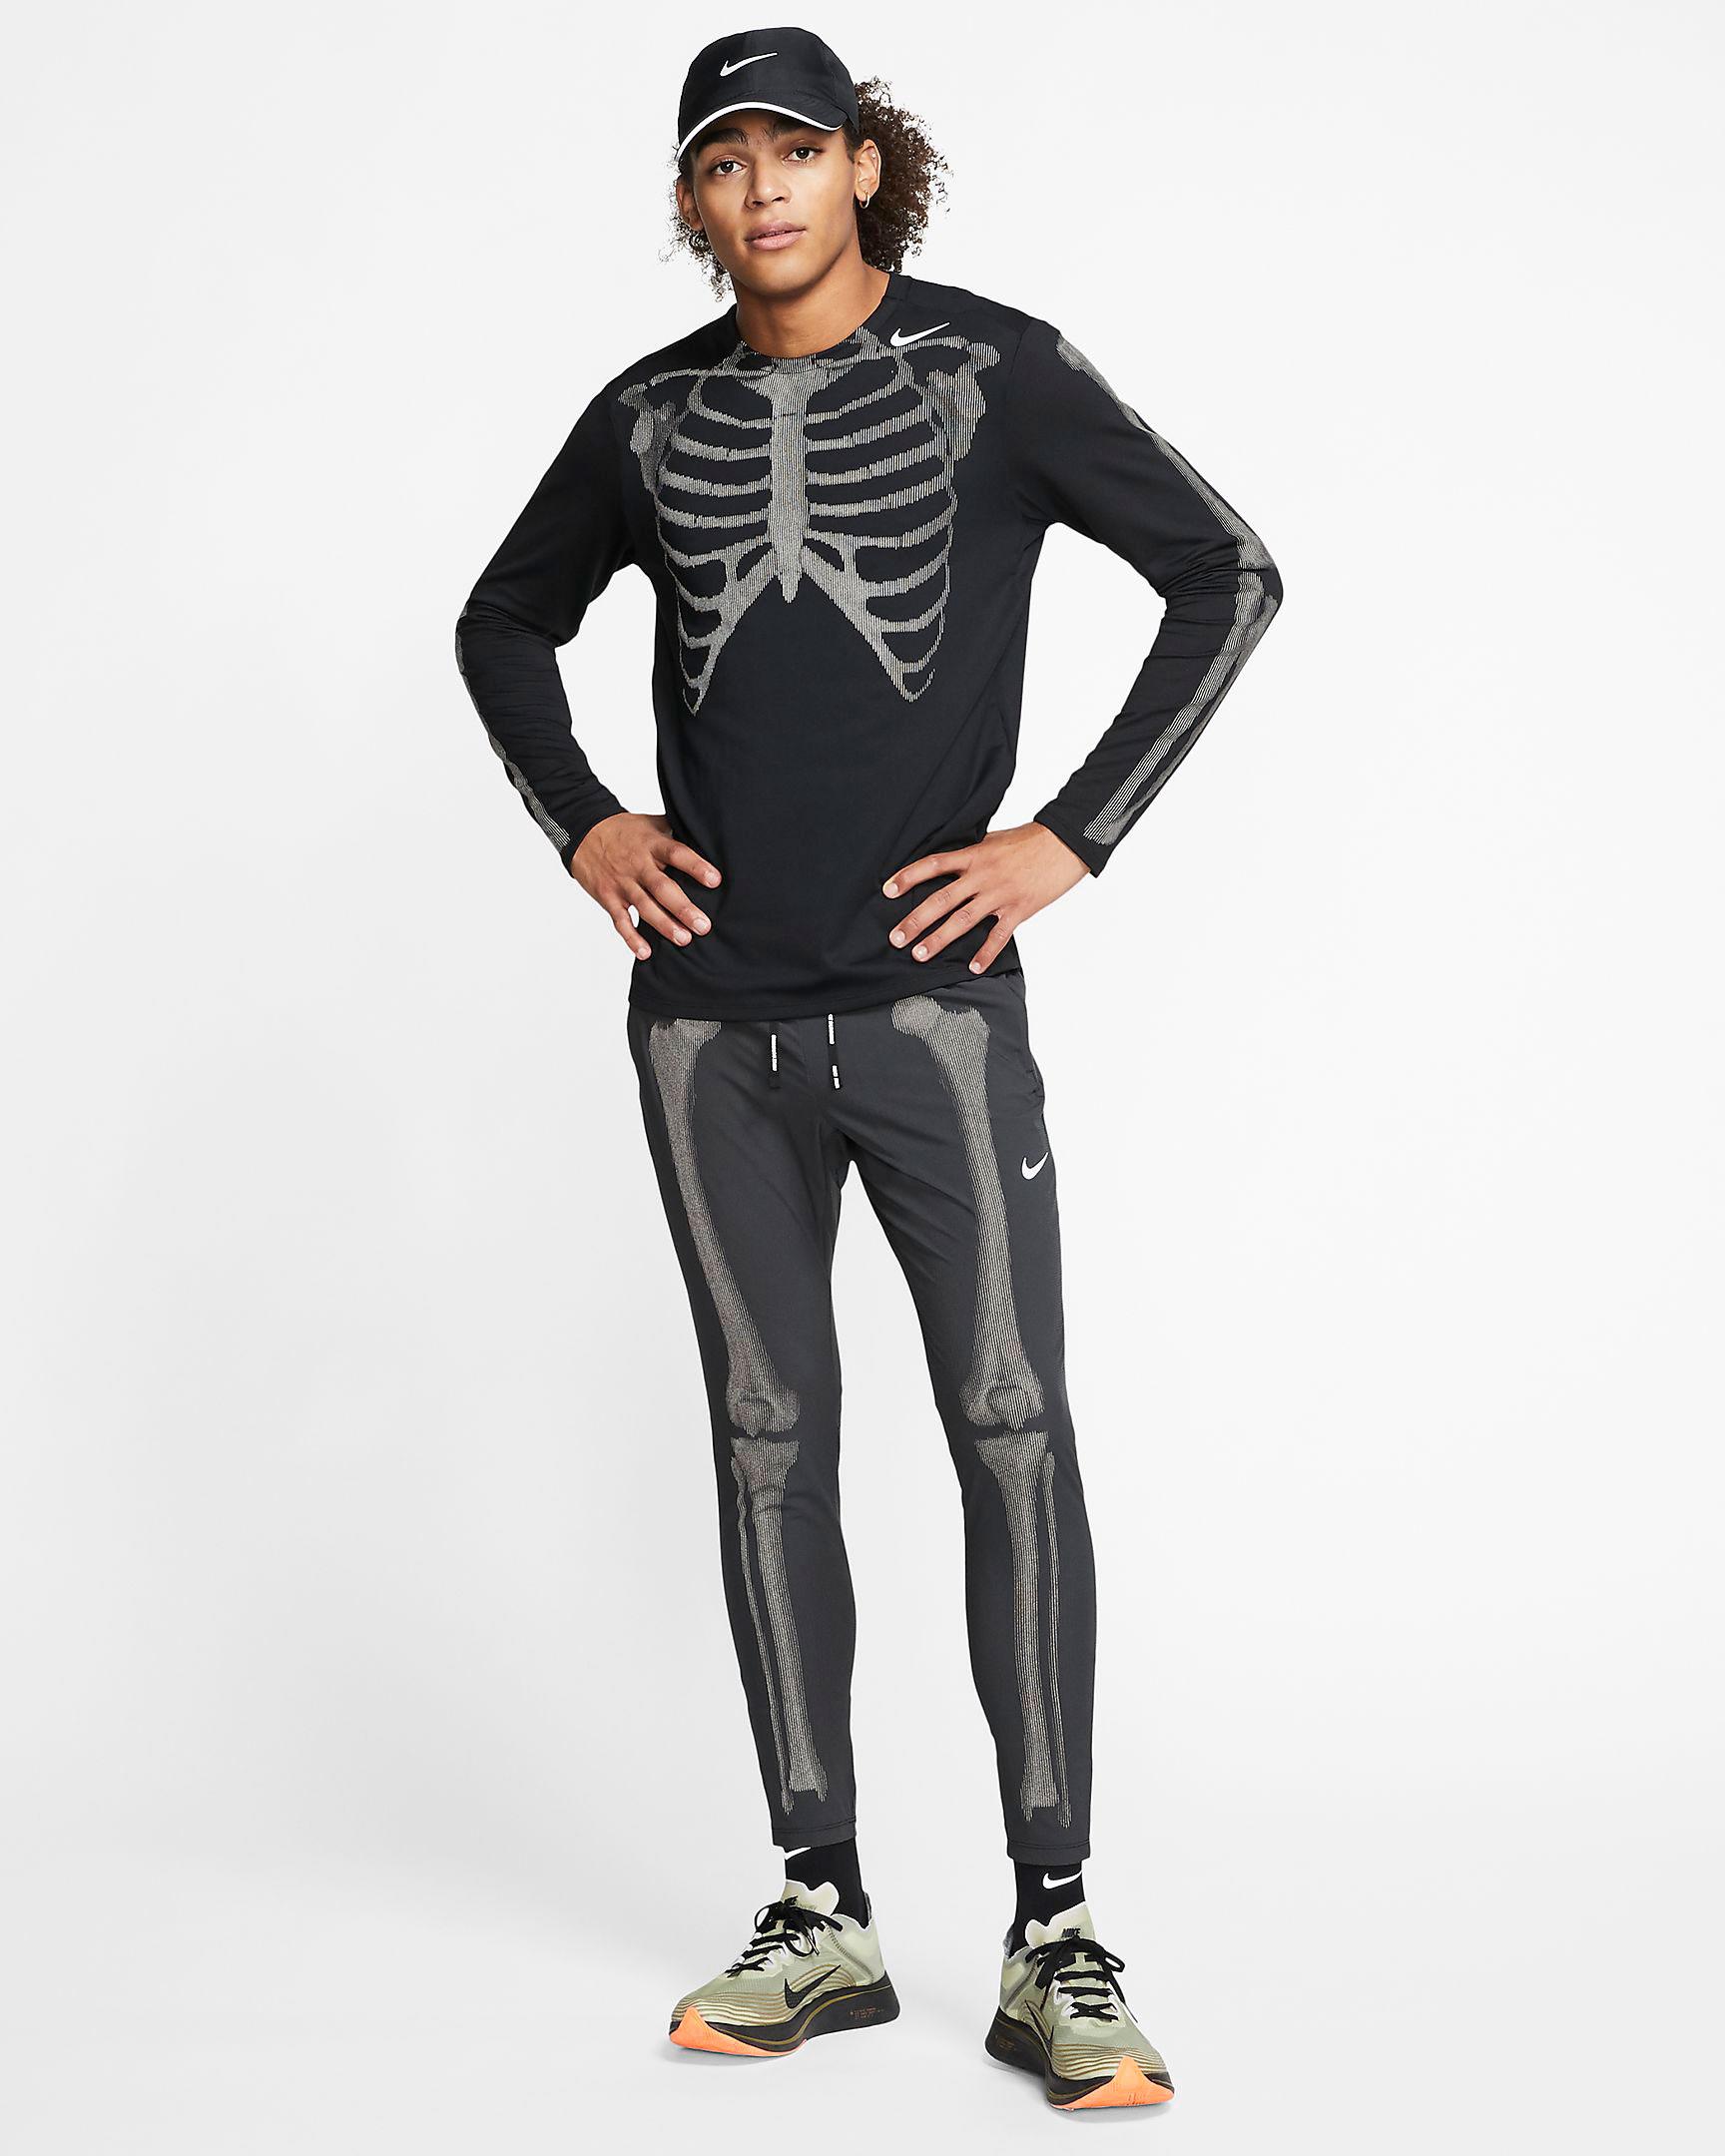 nike-black-skeleton-apparel